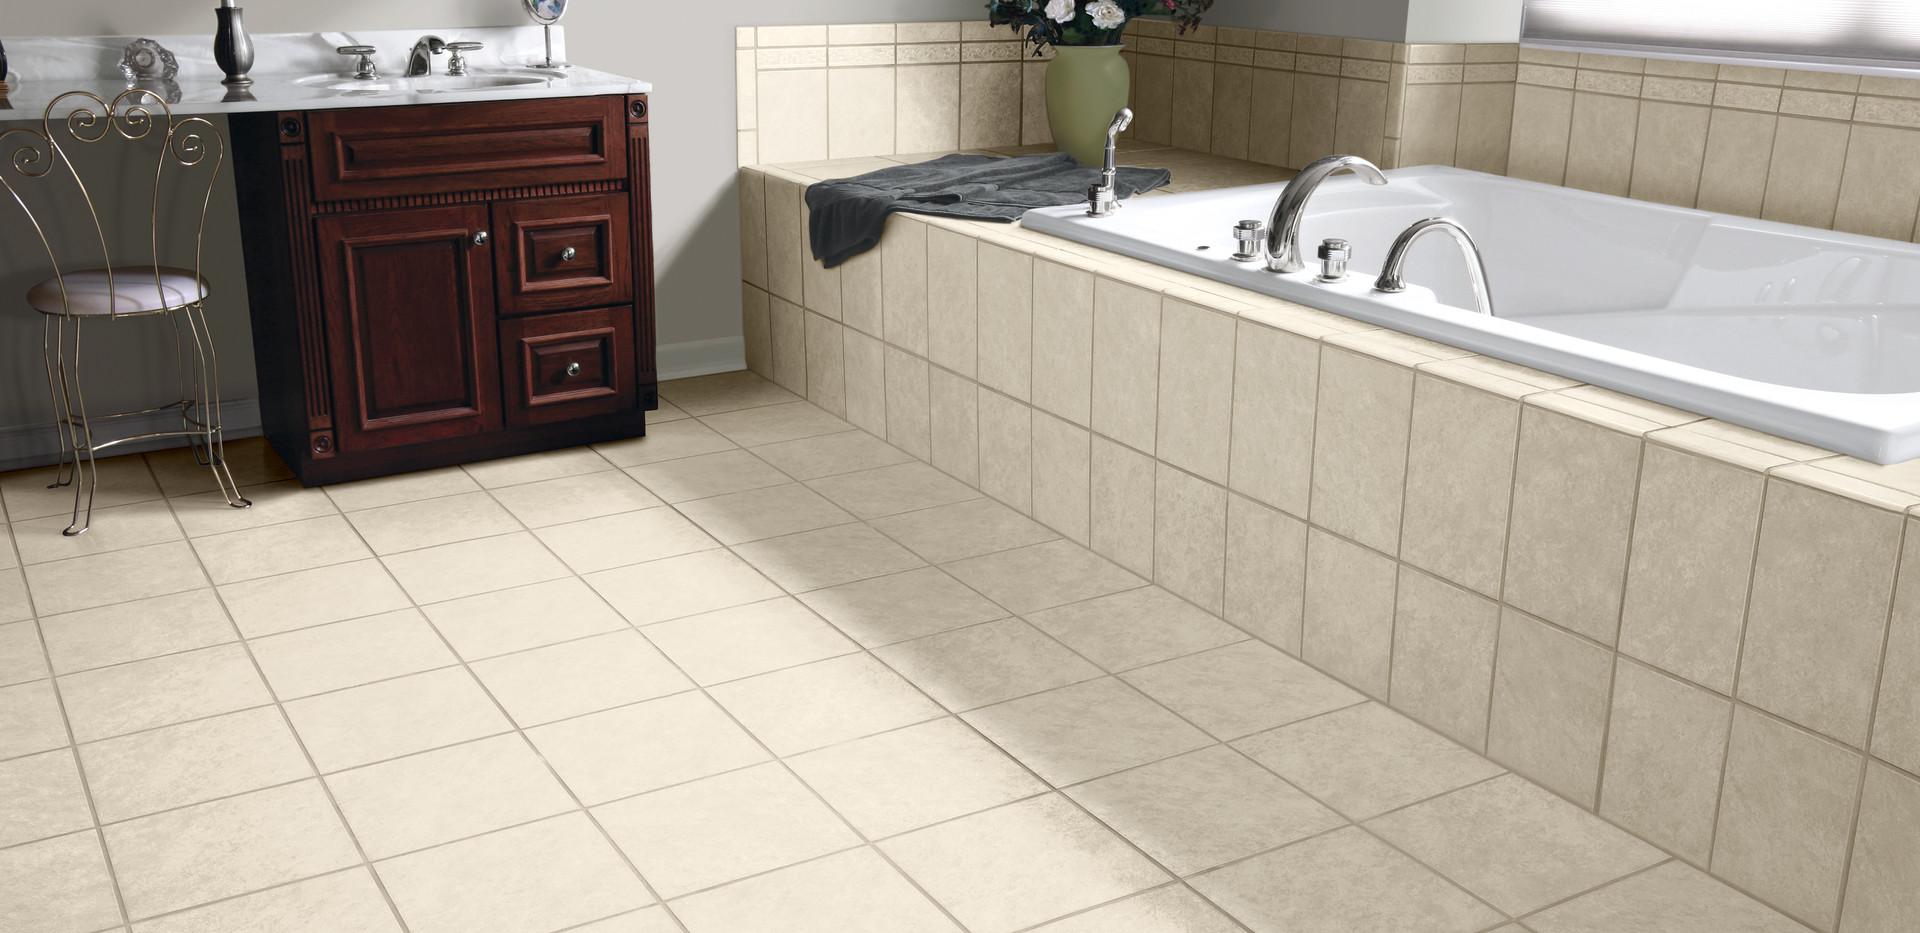 Savannah_Bathroom_FTI24301_10x13_12x12_F